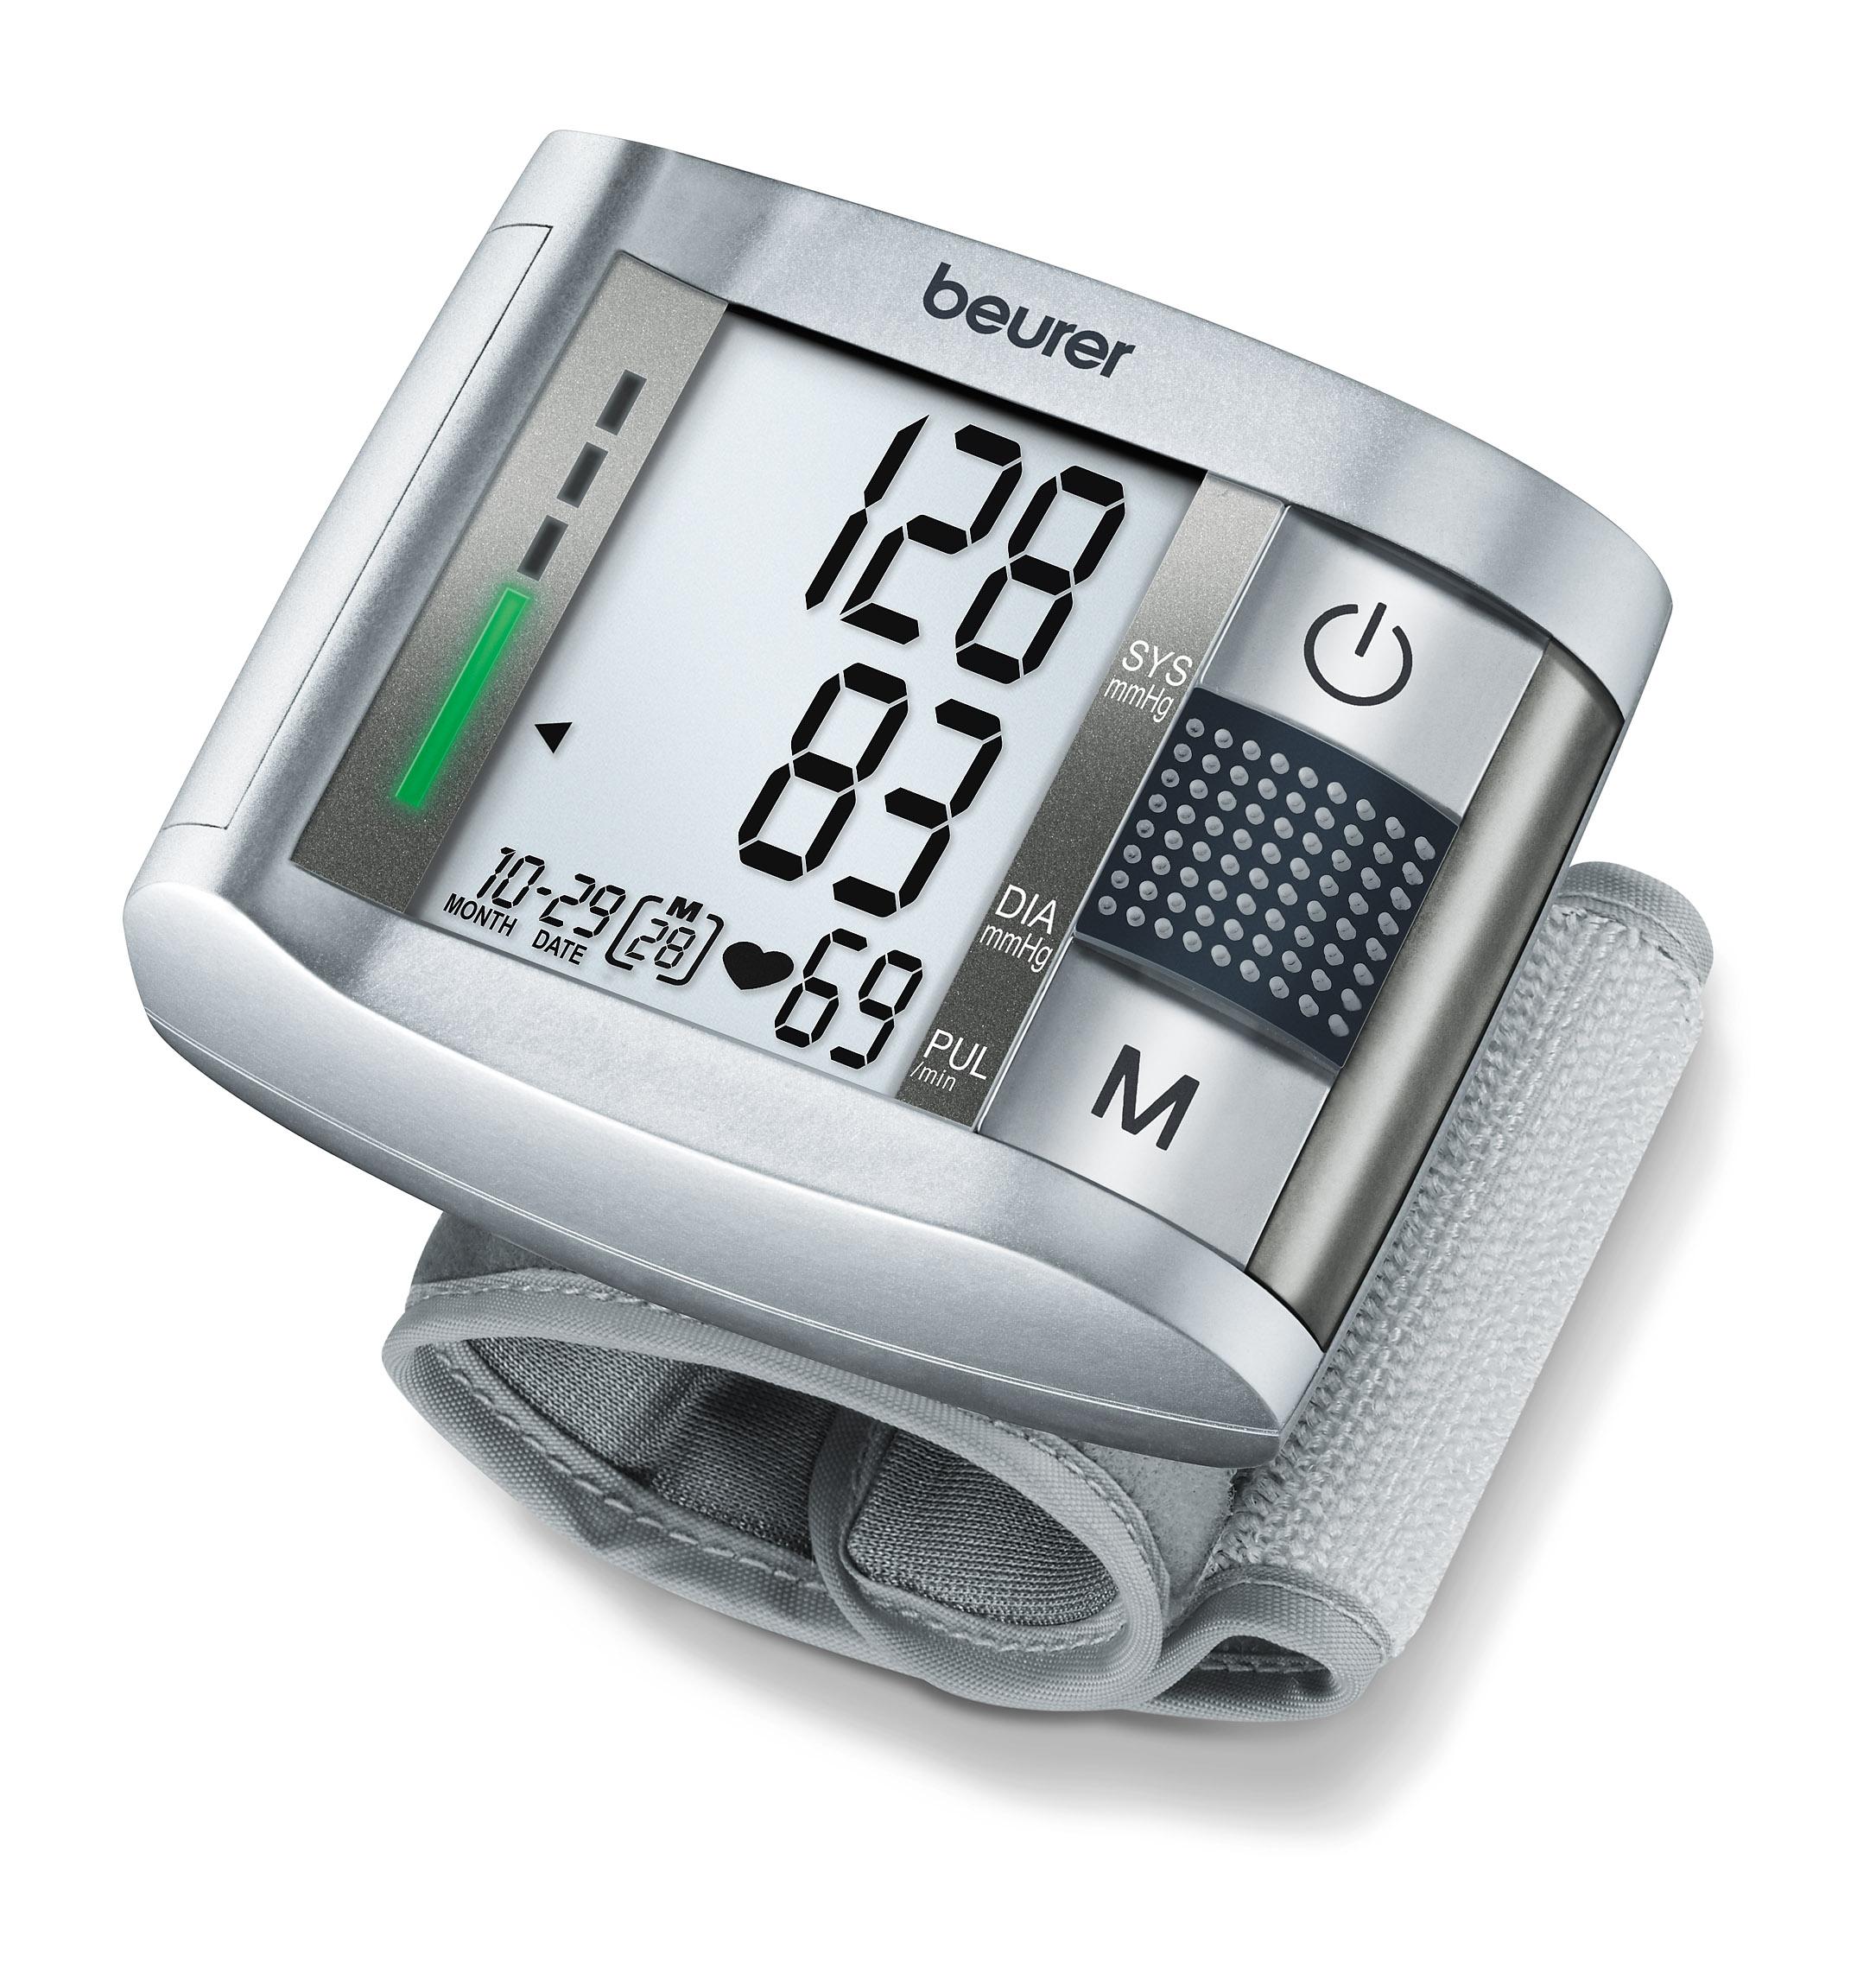 Beurer BC19 asinsspiediena mērītājs